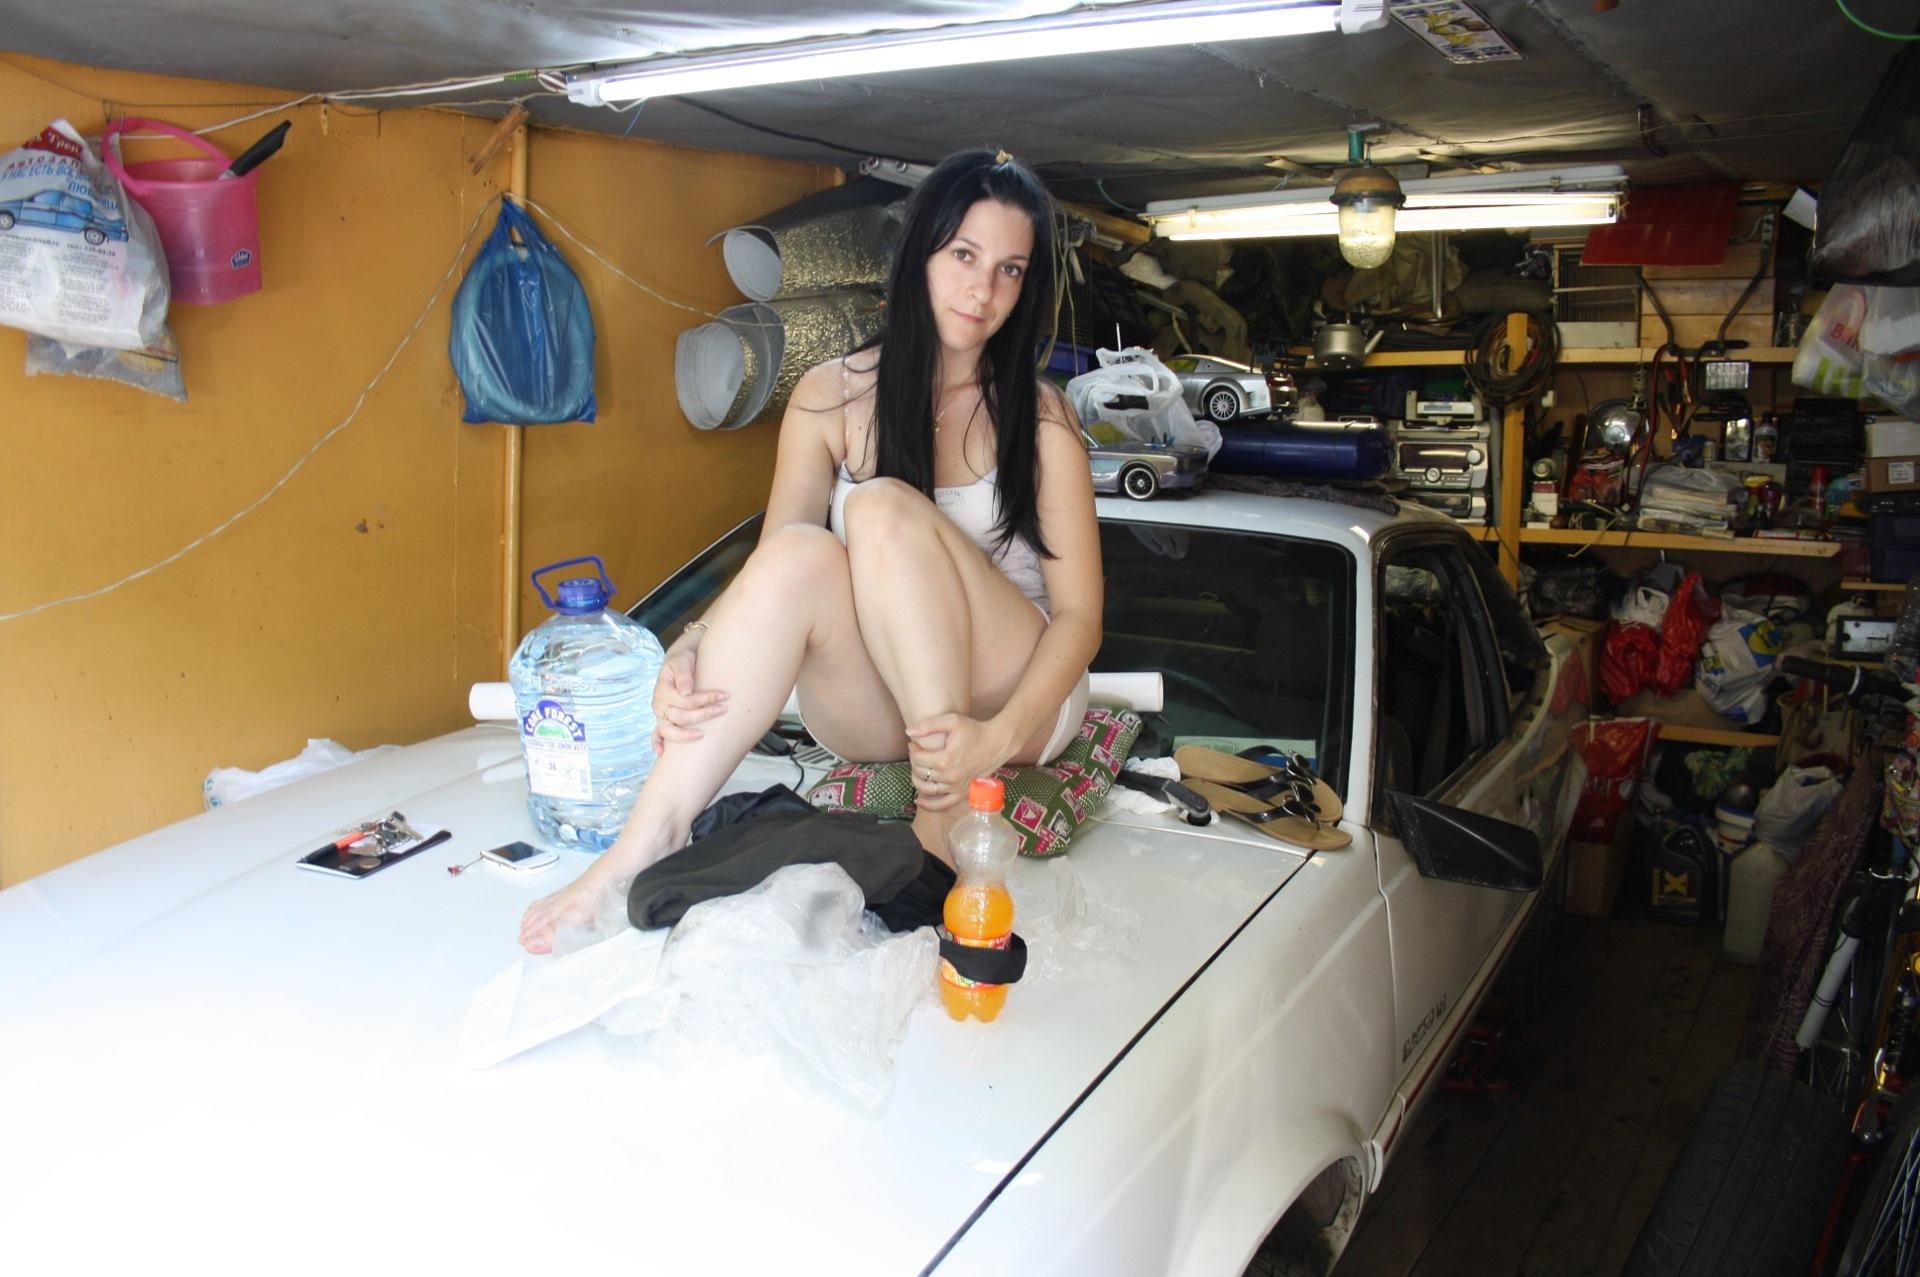 У гаражей эротика, в гараже пьяную, порно видео онлайн, бесплатно на 17 фотография